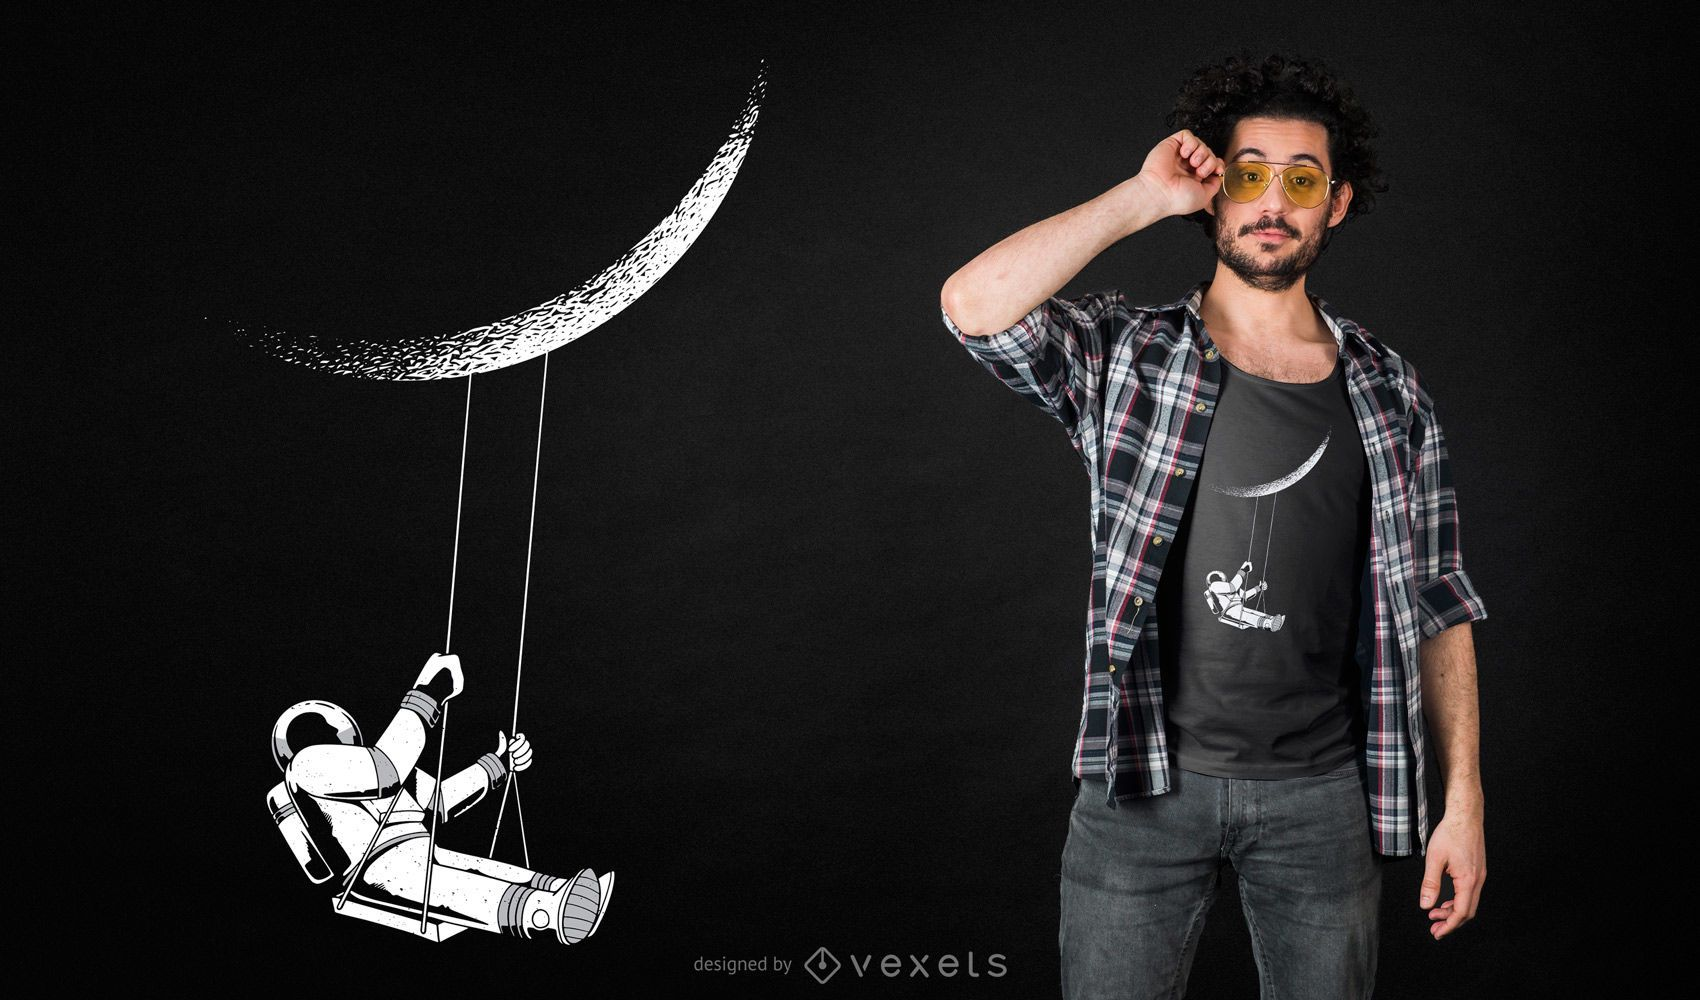 Moon Astronaut T-shirt Design